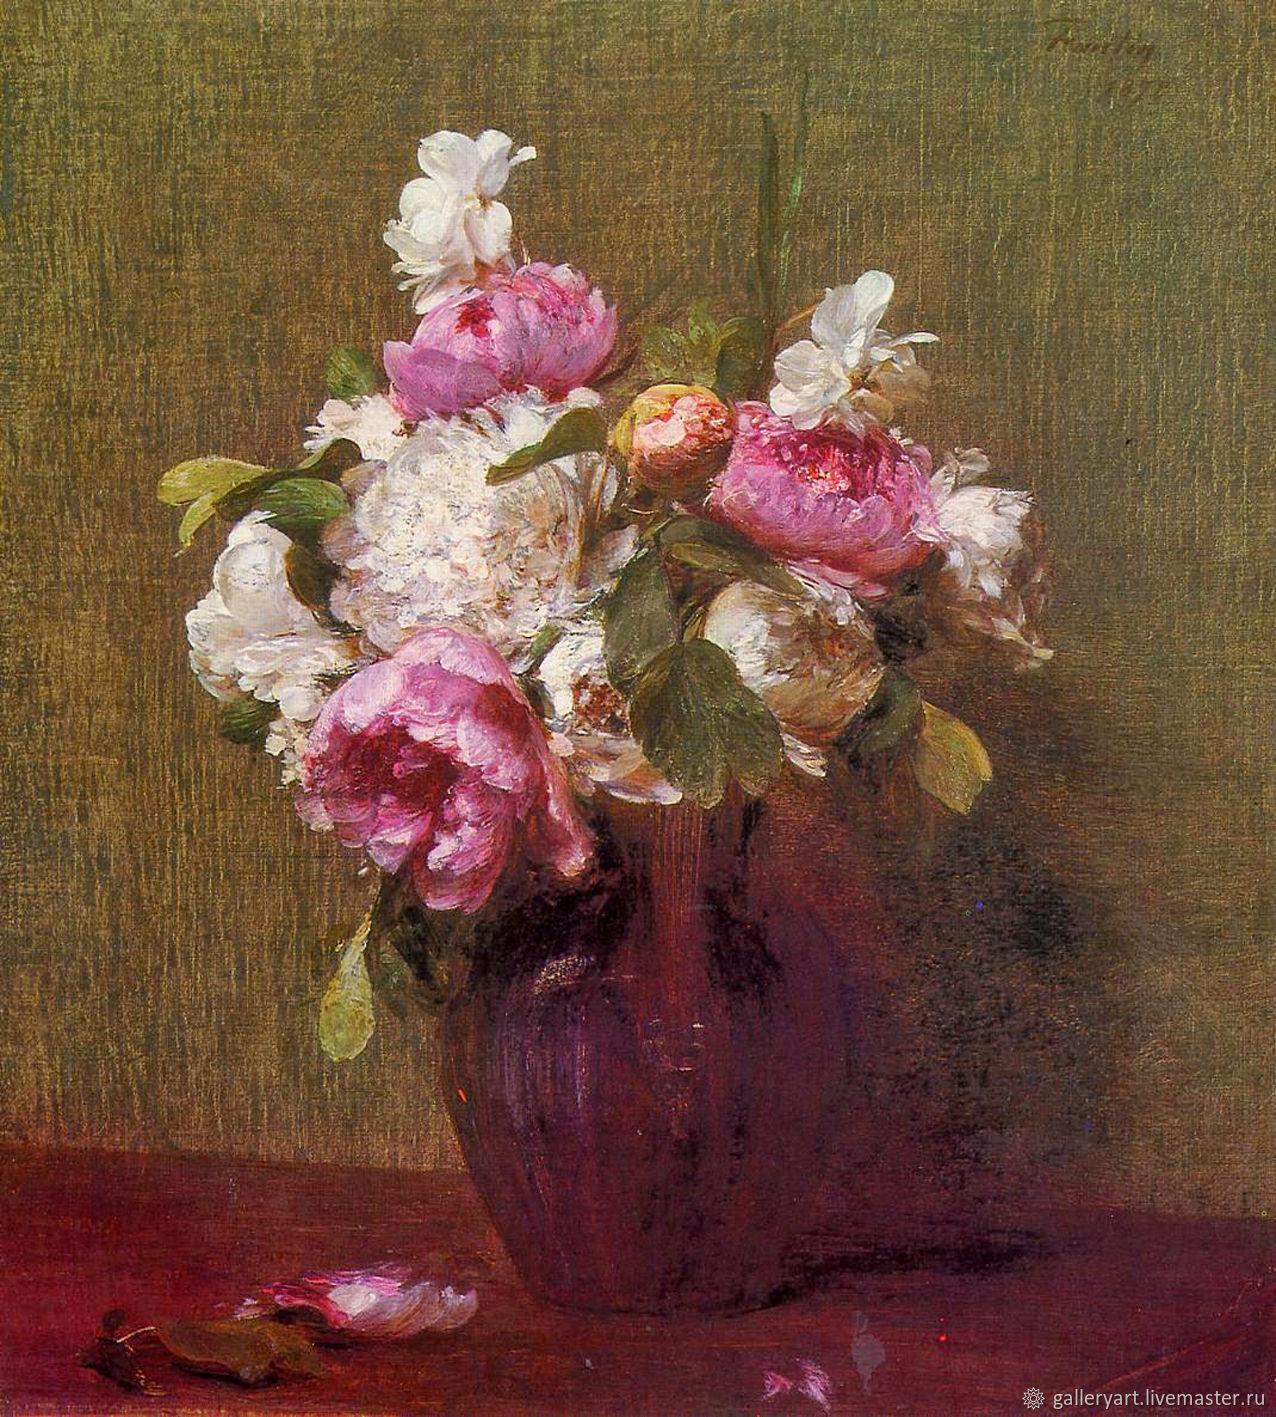 Картины цветов ручной работы. Ярмарка Мастеров - ручная работа. Купить Картина Белые пионы, розы, нарциссы. Handmade. Живопись